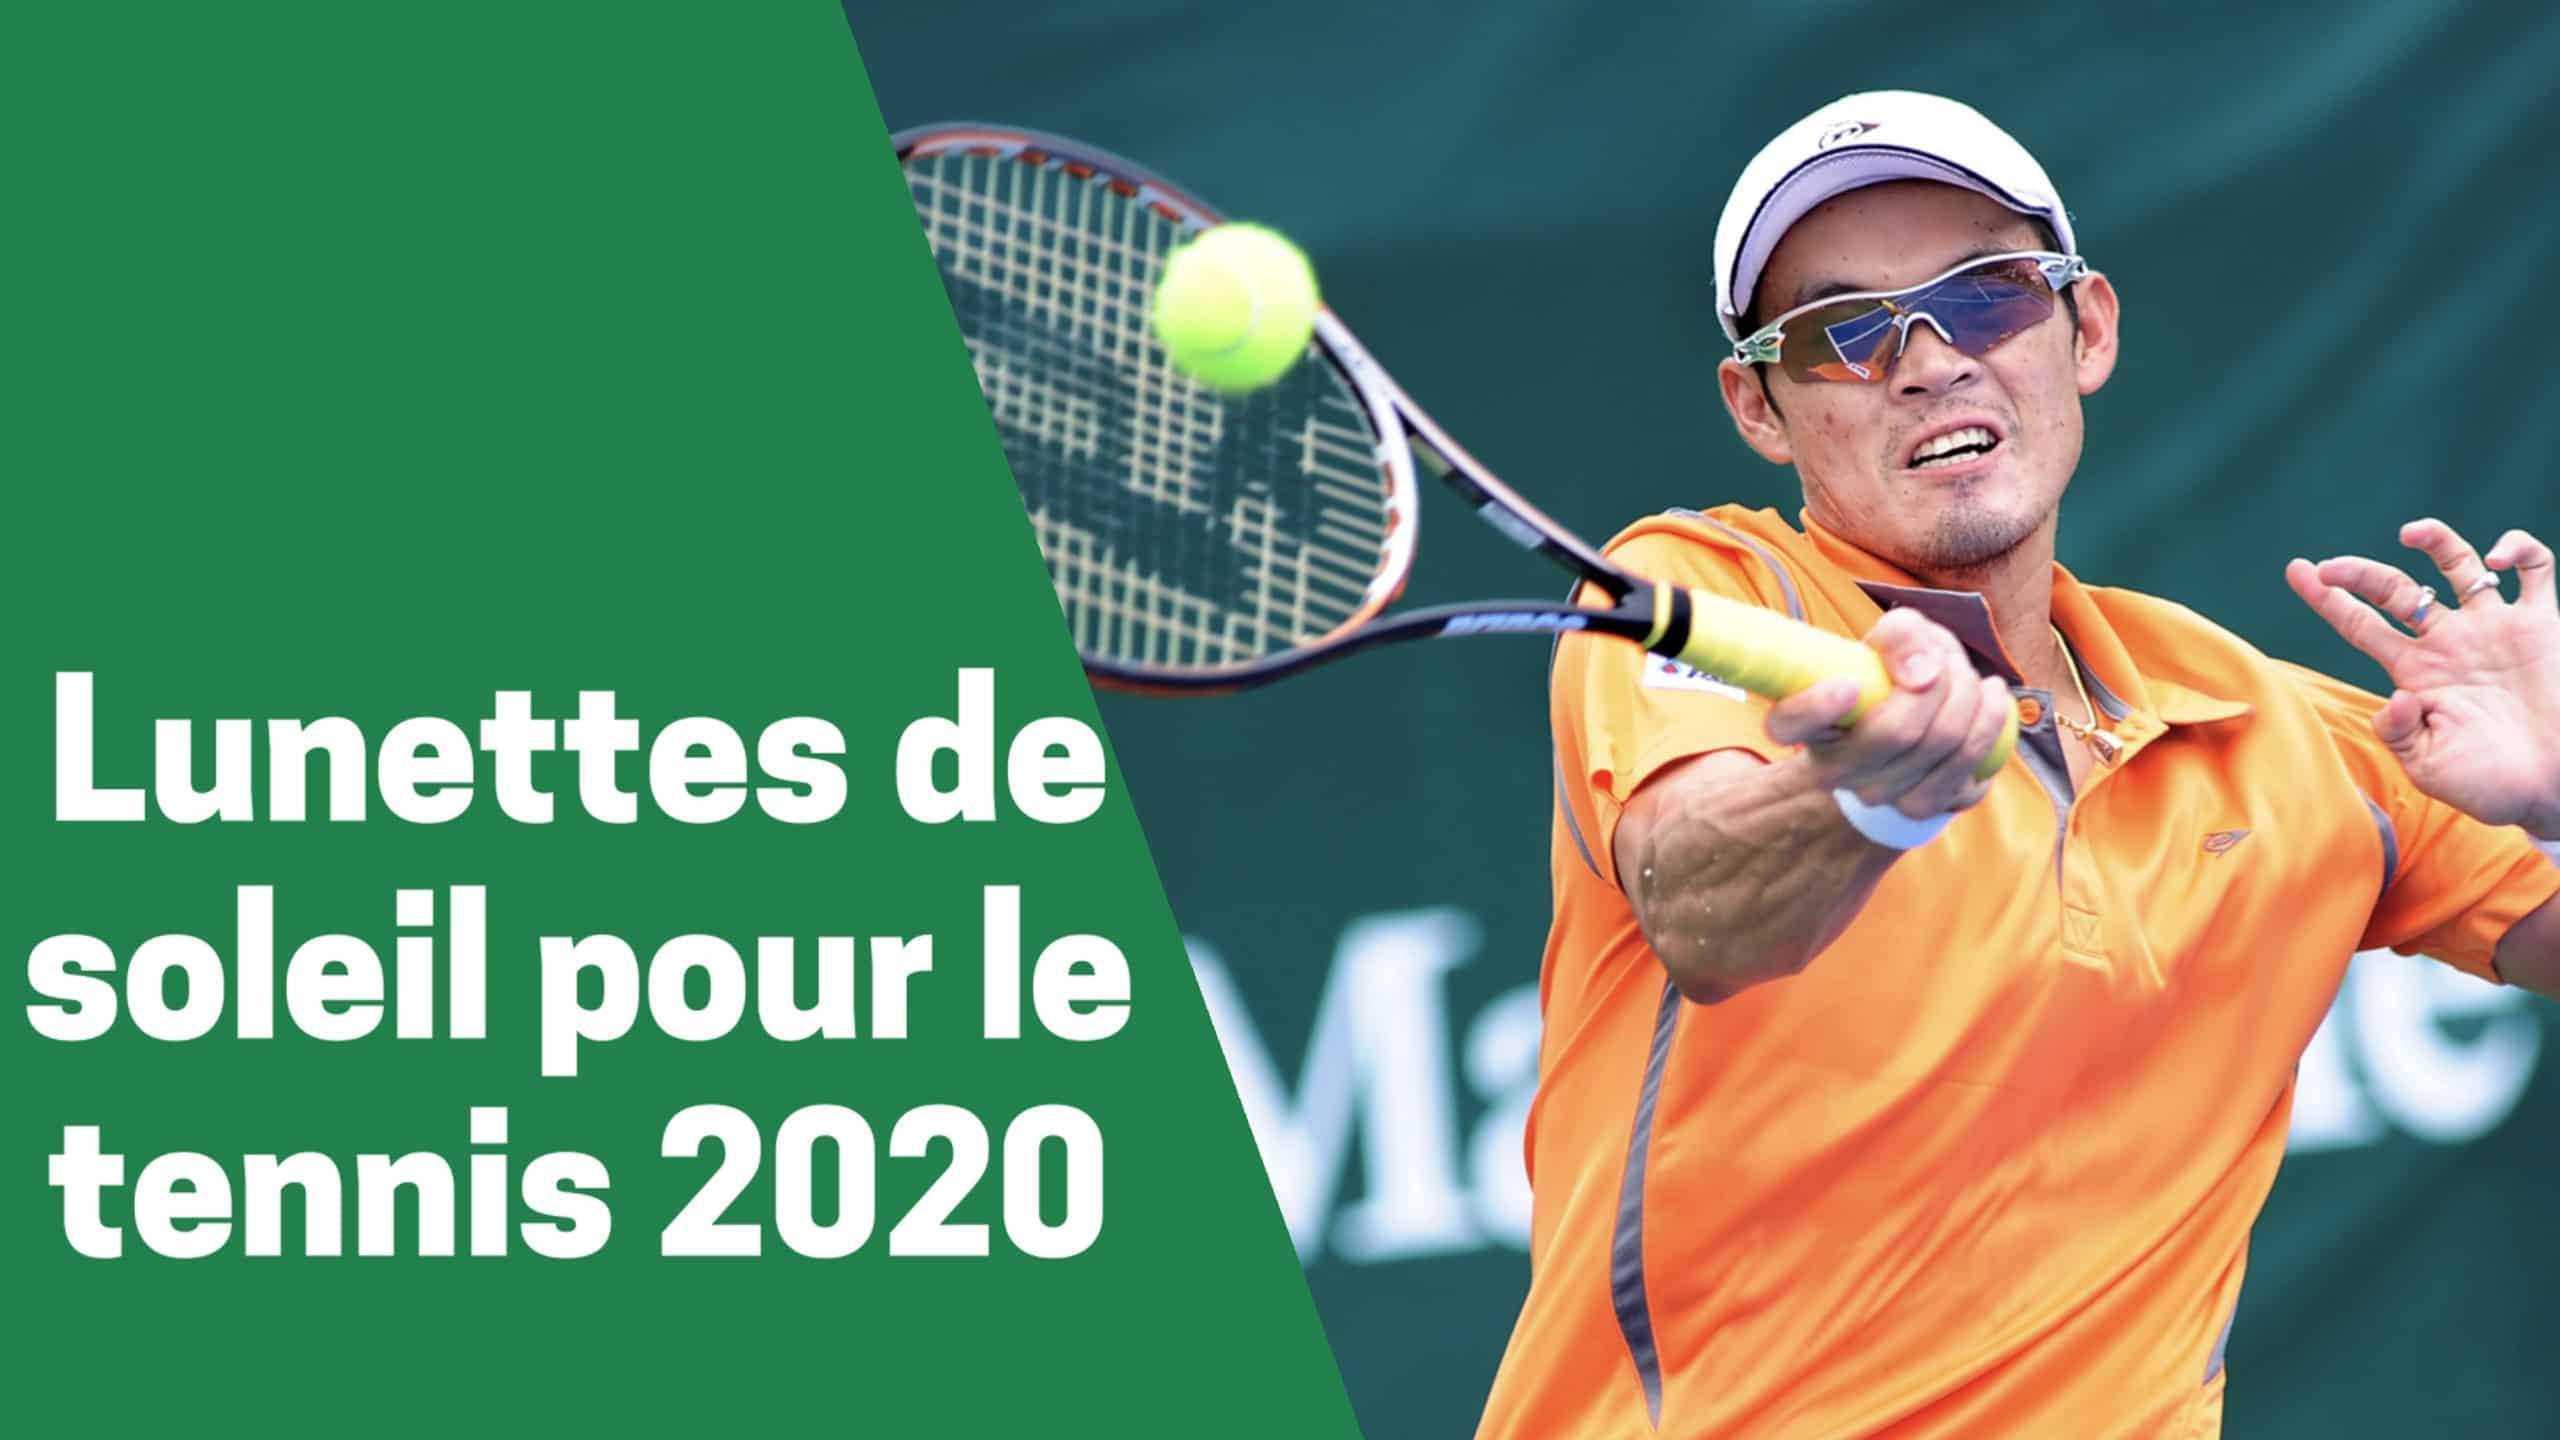 Photo de Meilleures lunettes de soleil pour le tennis 2020